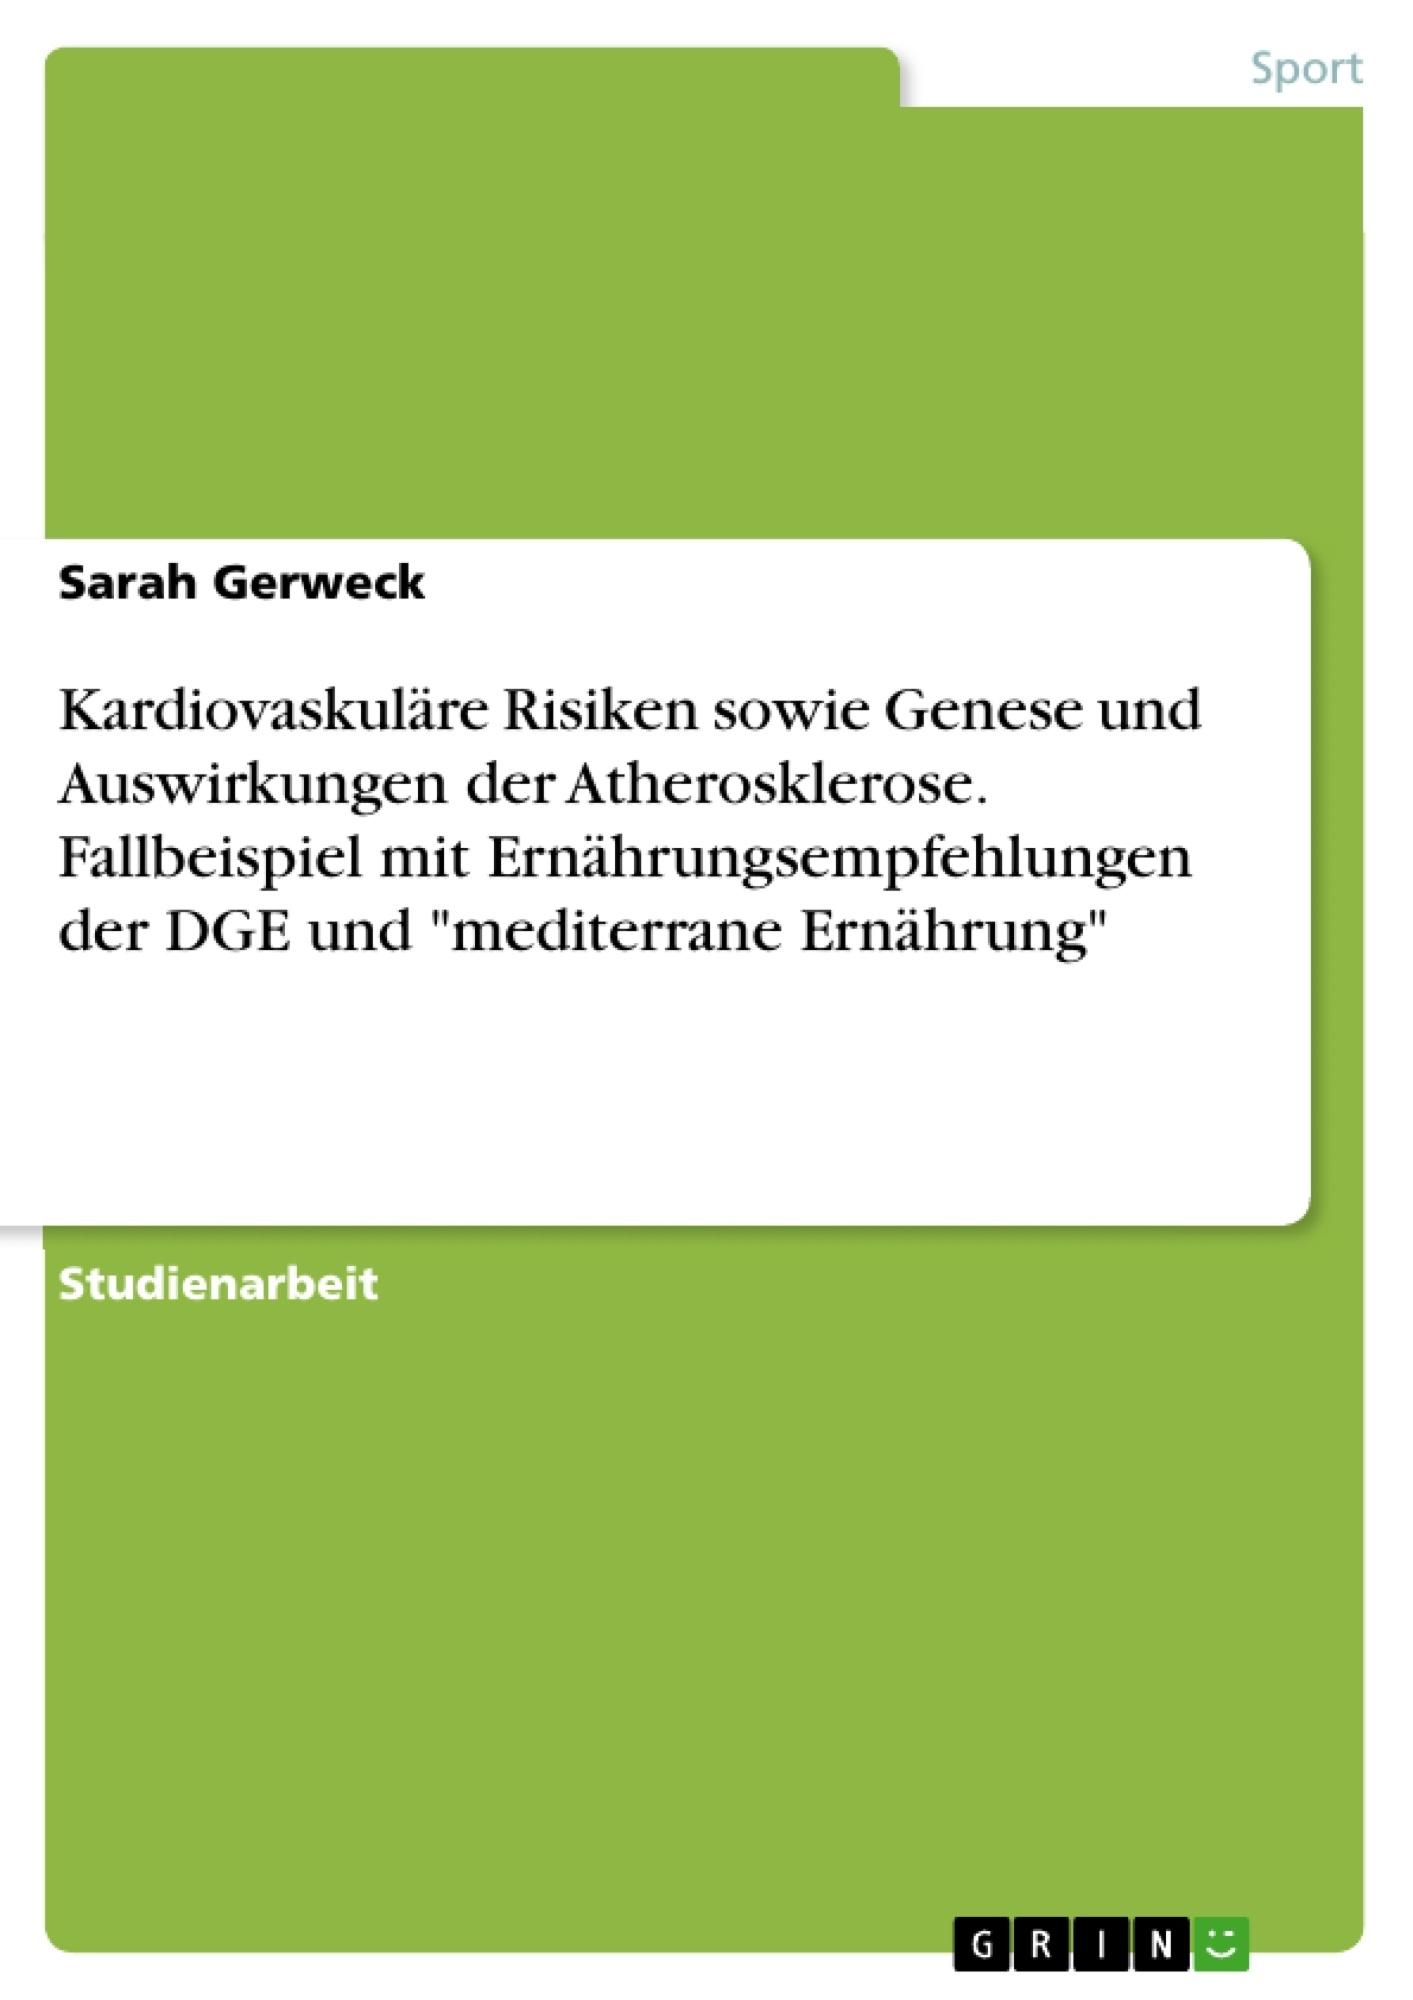 """Titel: Kardiovaskuläre Risiken sowie Genese und Auswirkungen der Atherosklerose. Fallbeispiel mit Ernährungsempfehlungen der DGE und """"mediterrane Ernährung"""""""